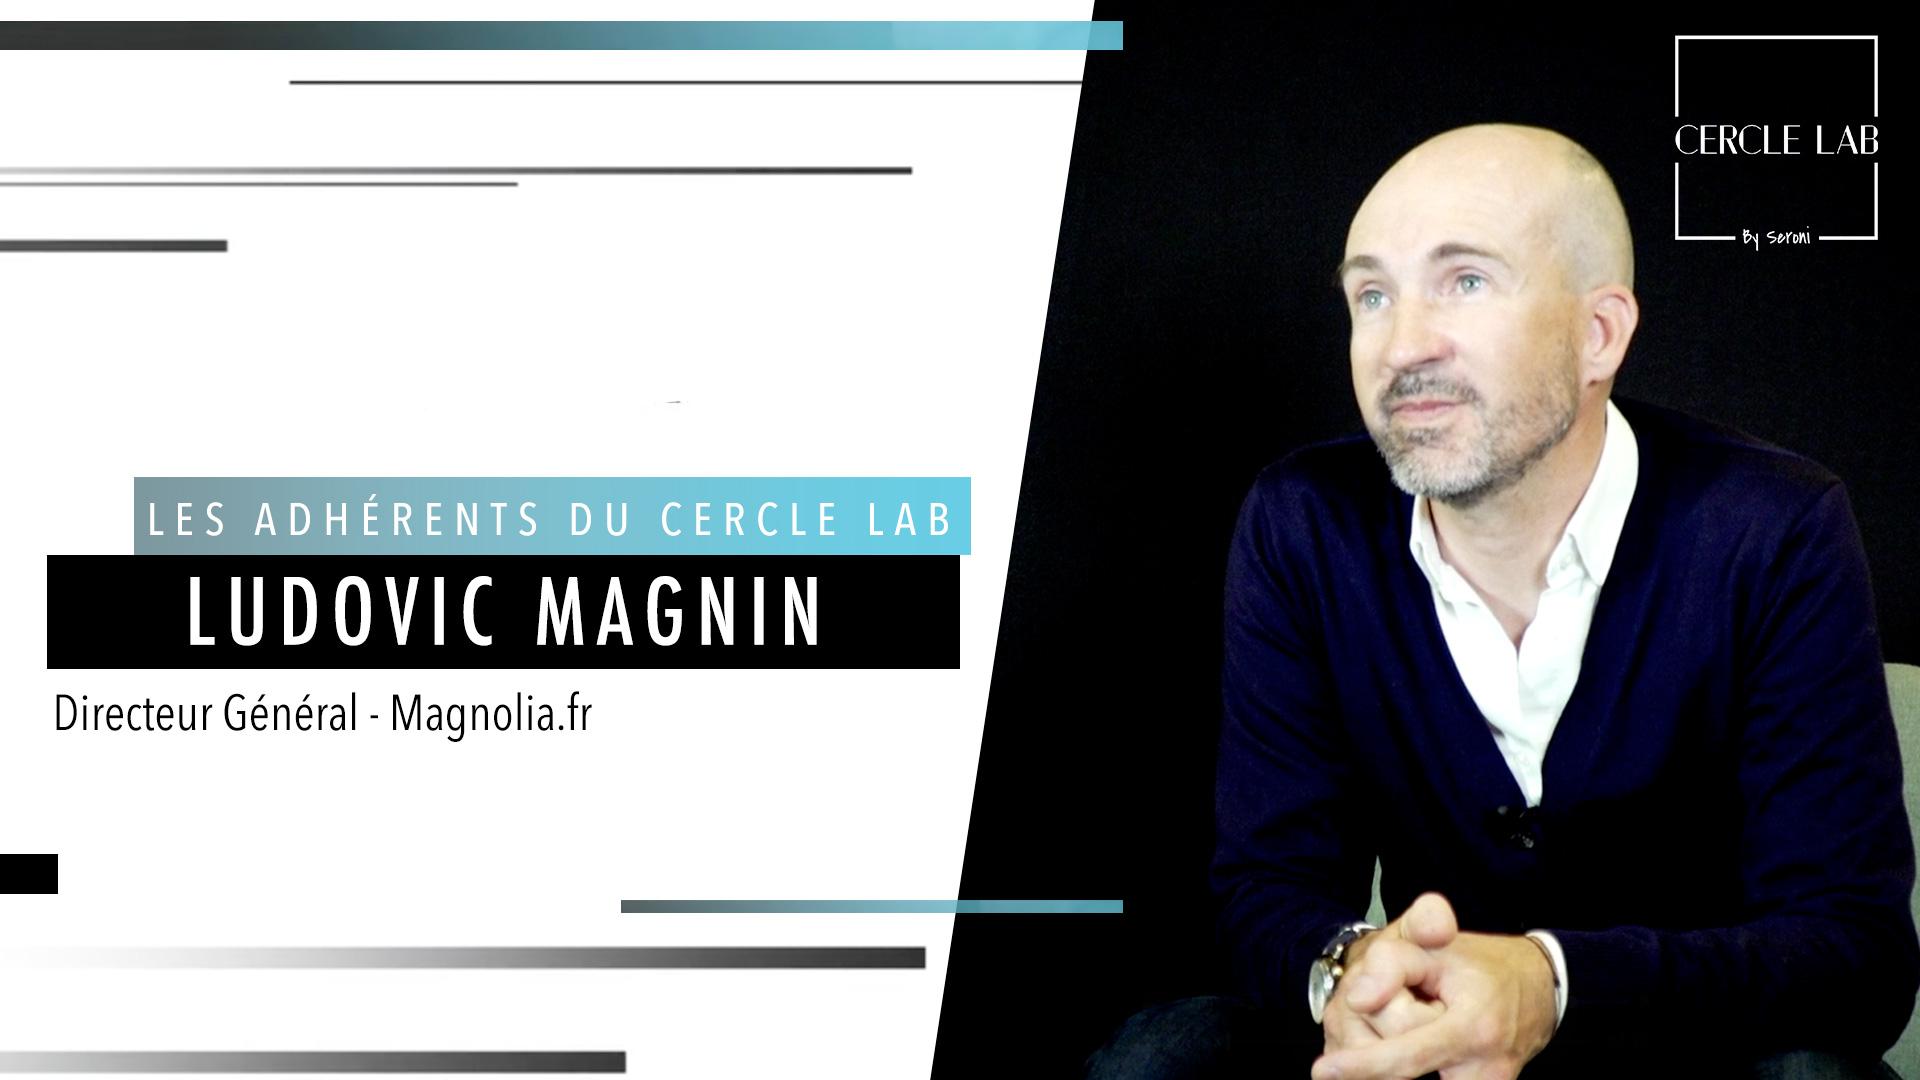 Vidéo de Magnolia.fr